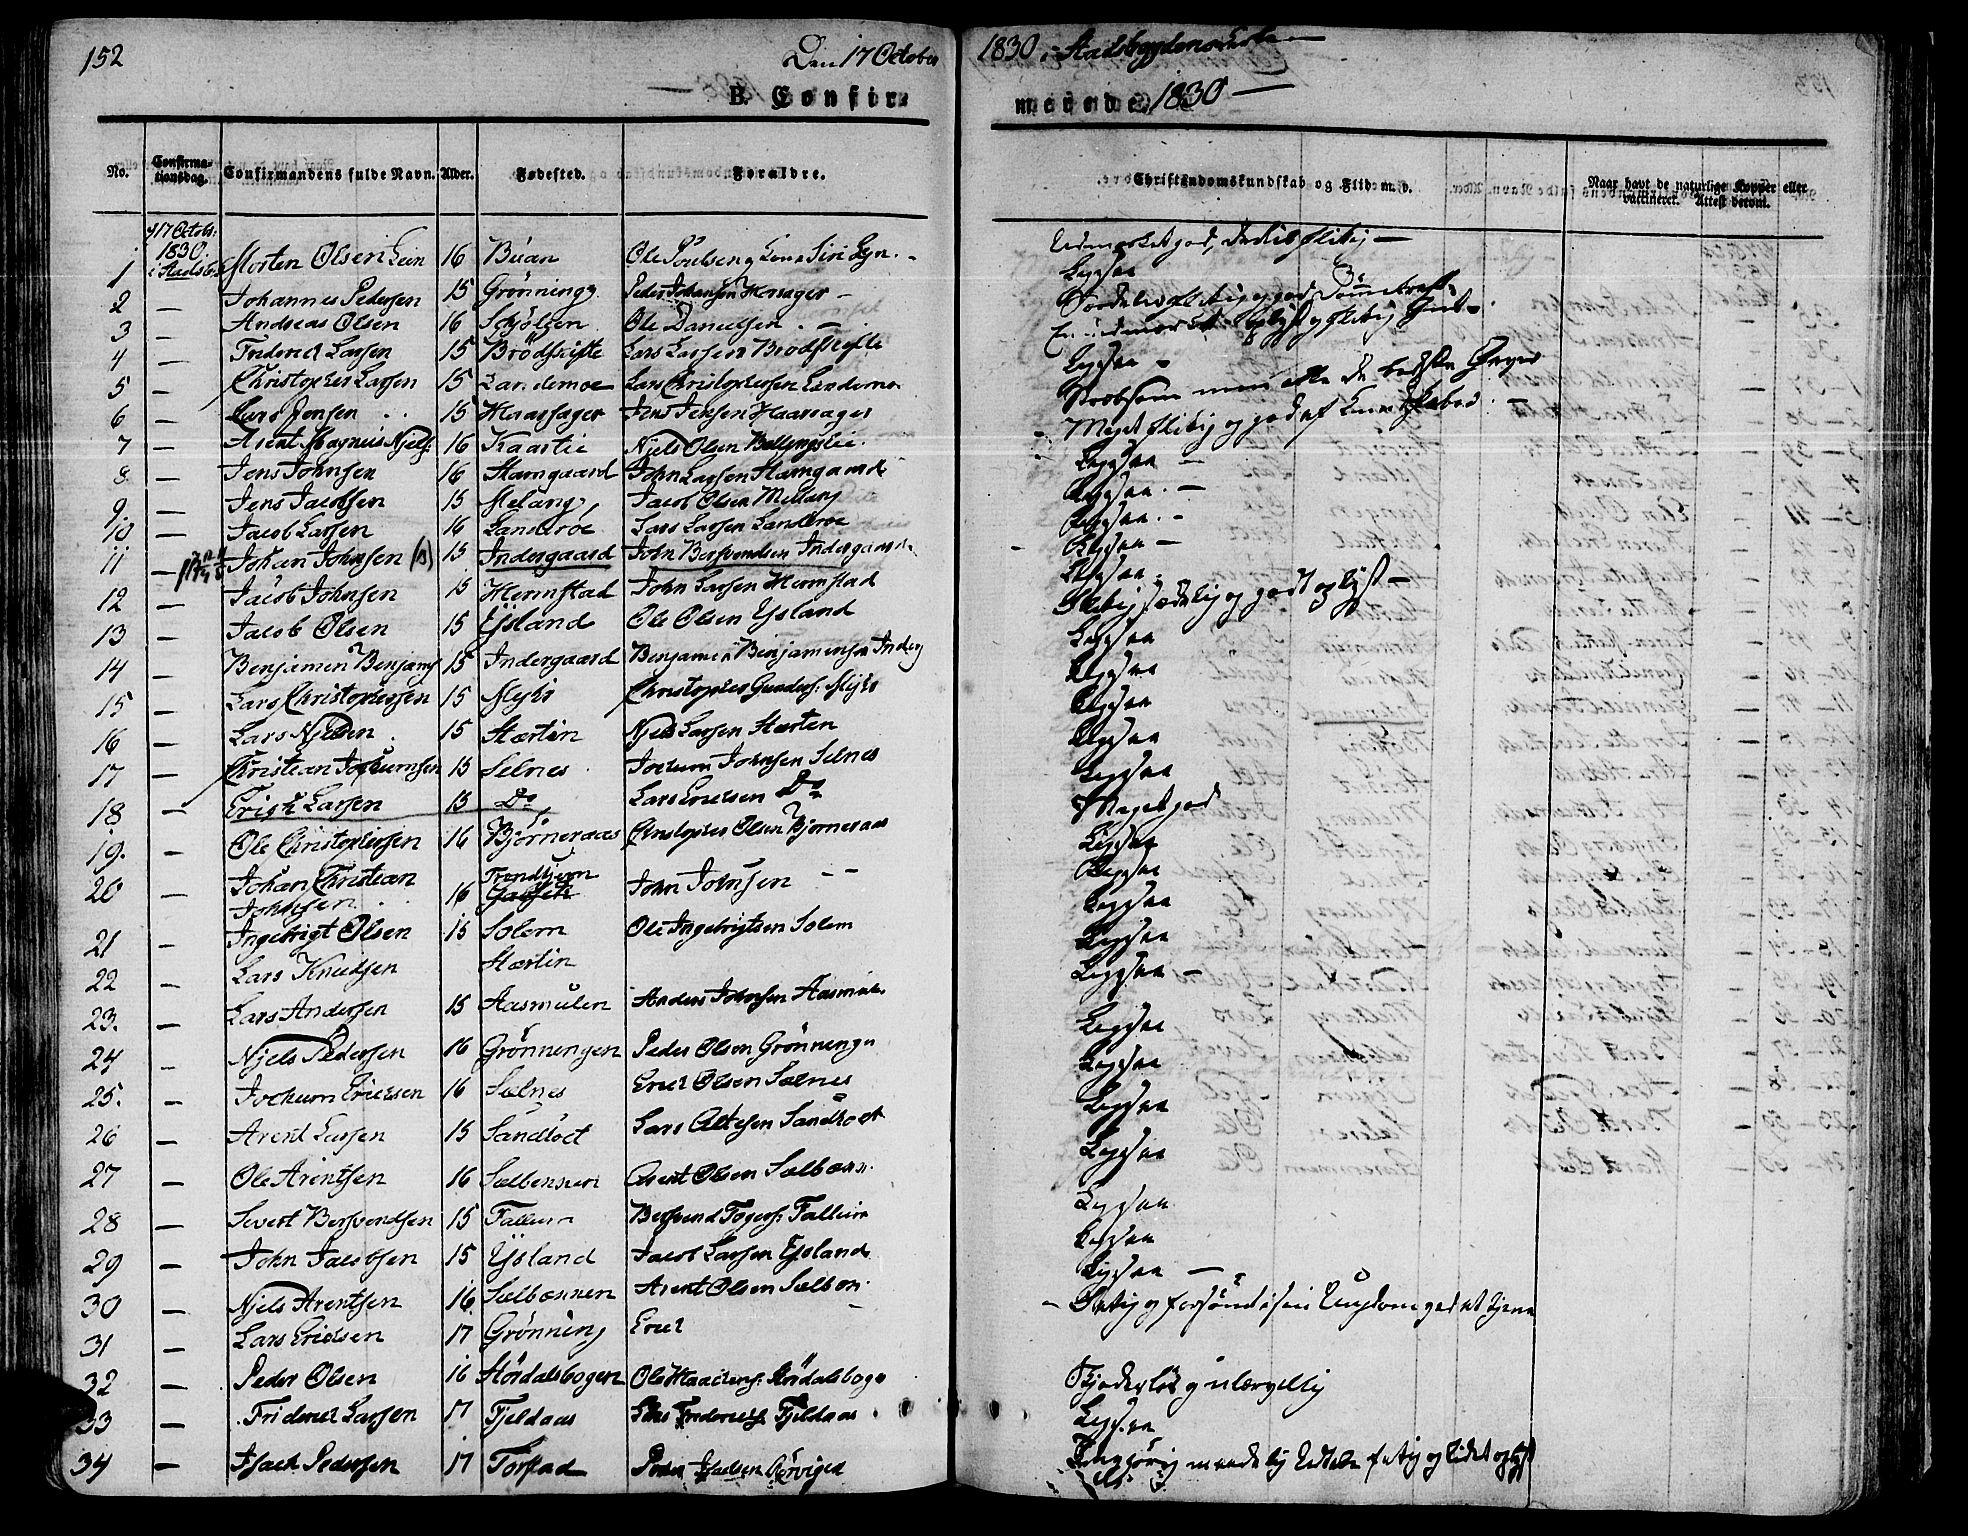 SAT, Ministerialprotokoller, klokkerbøker og fødselsregistre - Sør-Trøndelag, 646/L0609: Ministerialbok nr. 646A07, 1826-1838, s. 152